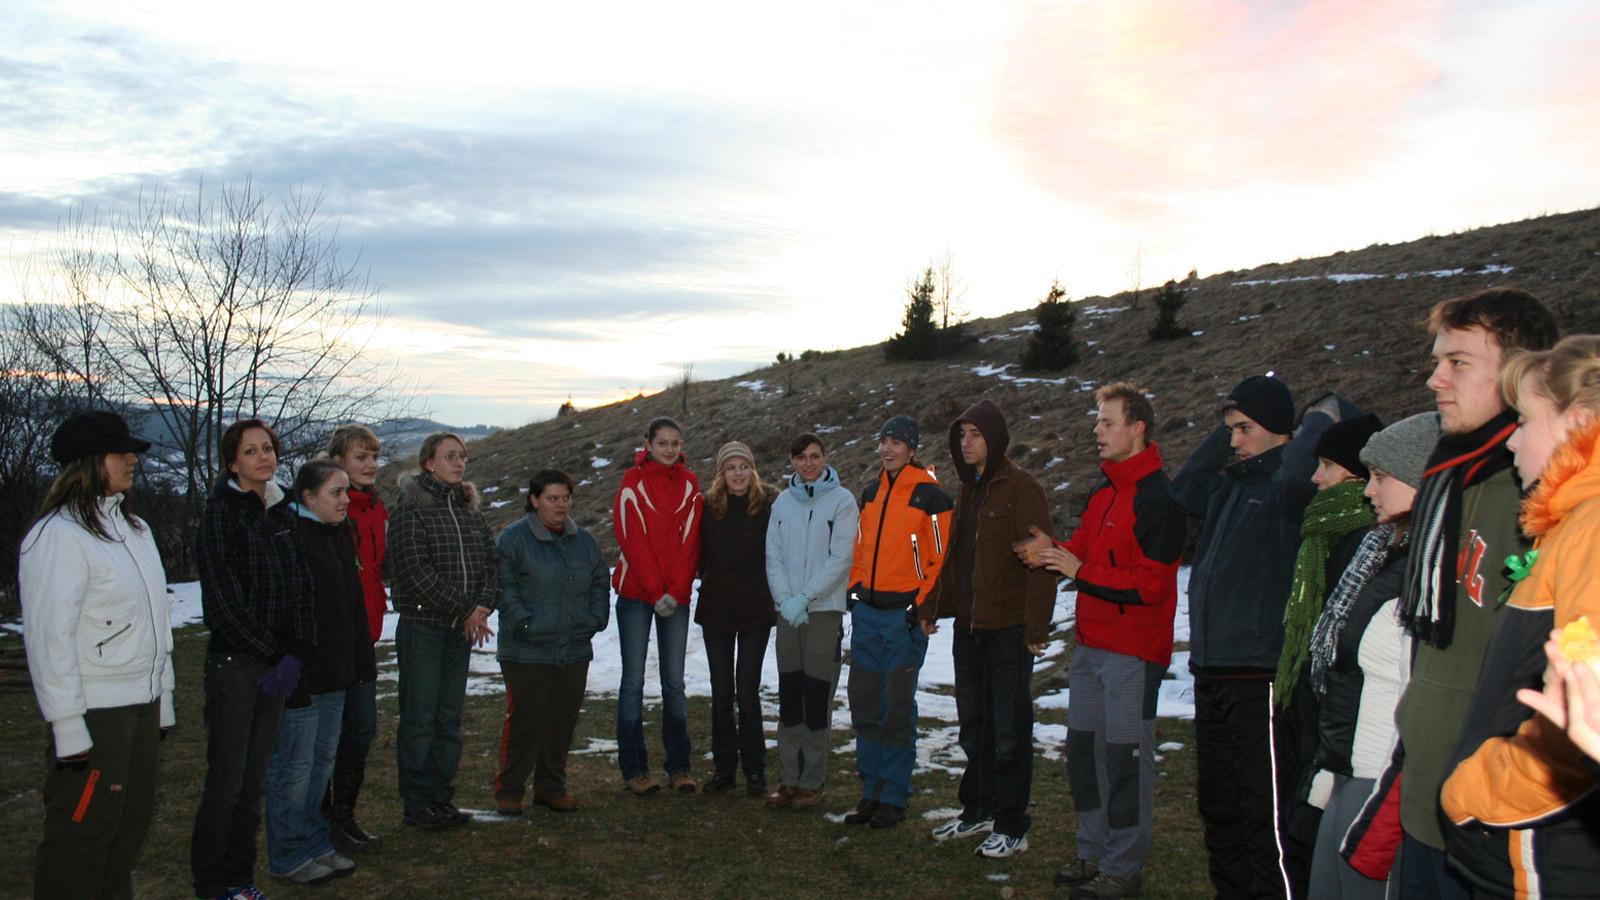 2008 Prvé CD mládežníckeho zboru